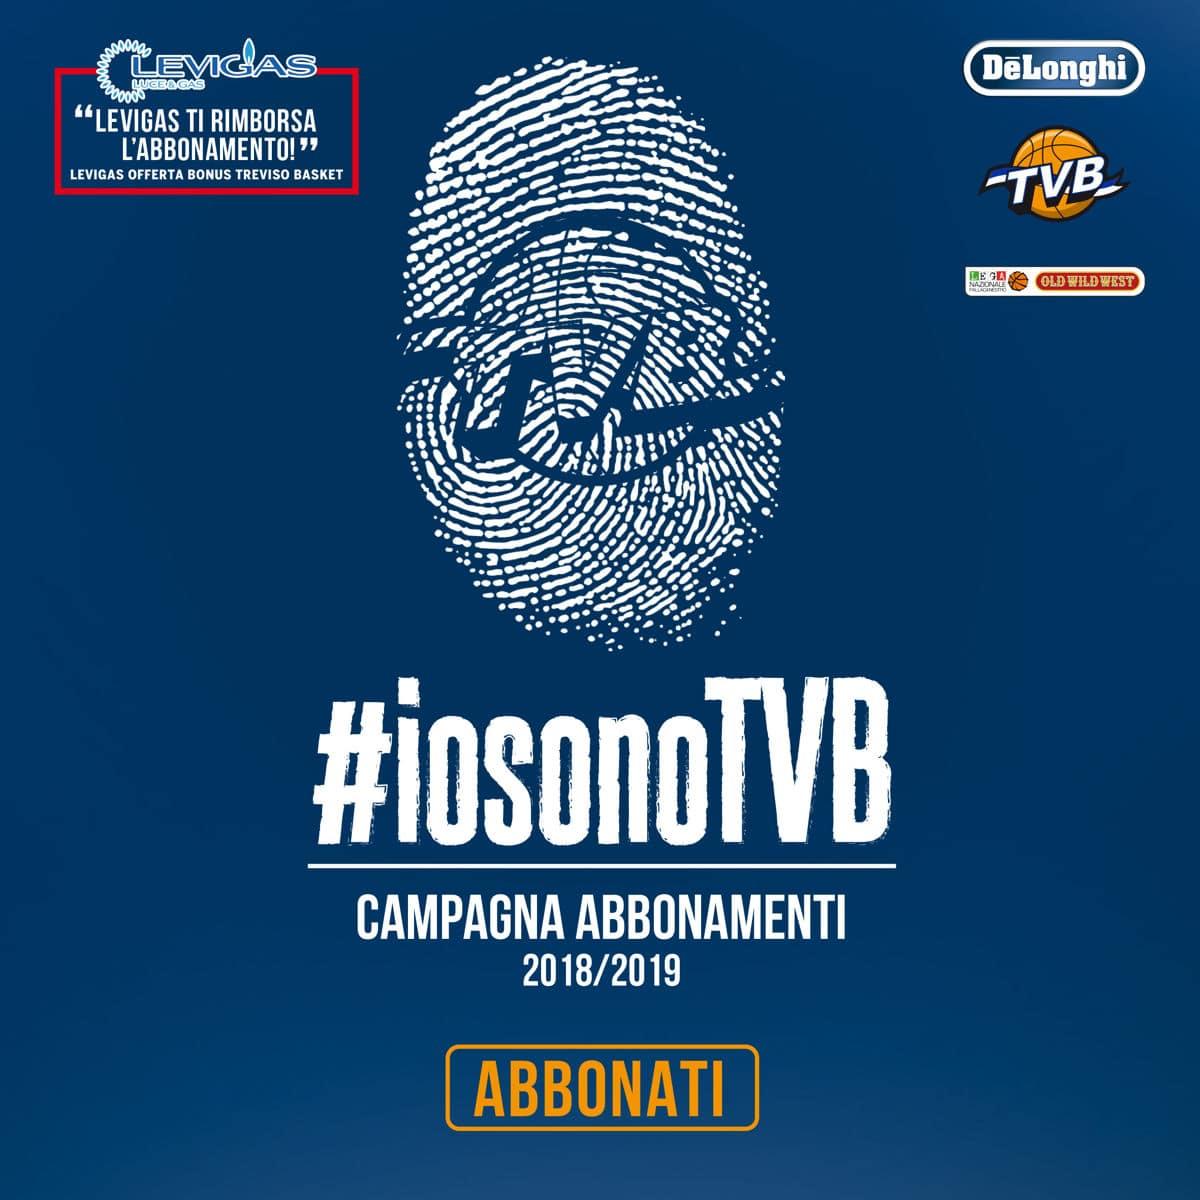 #iosonoTVB